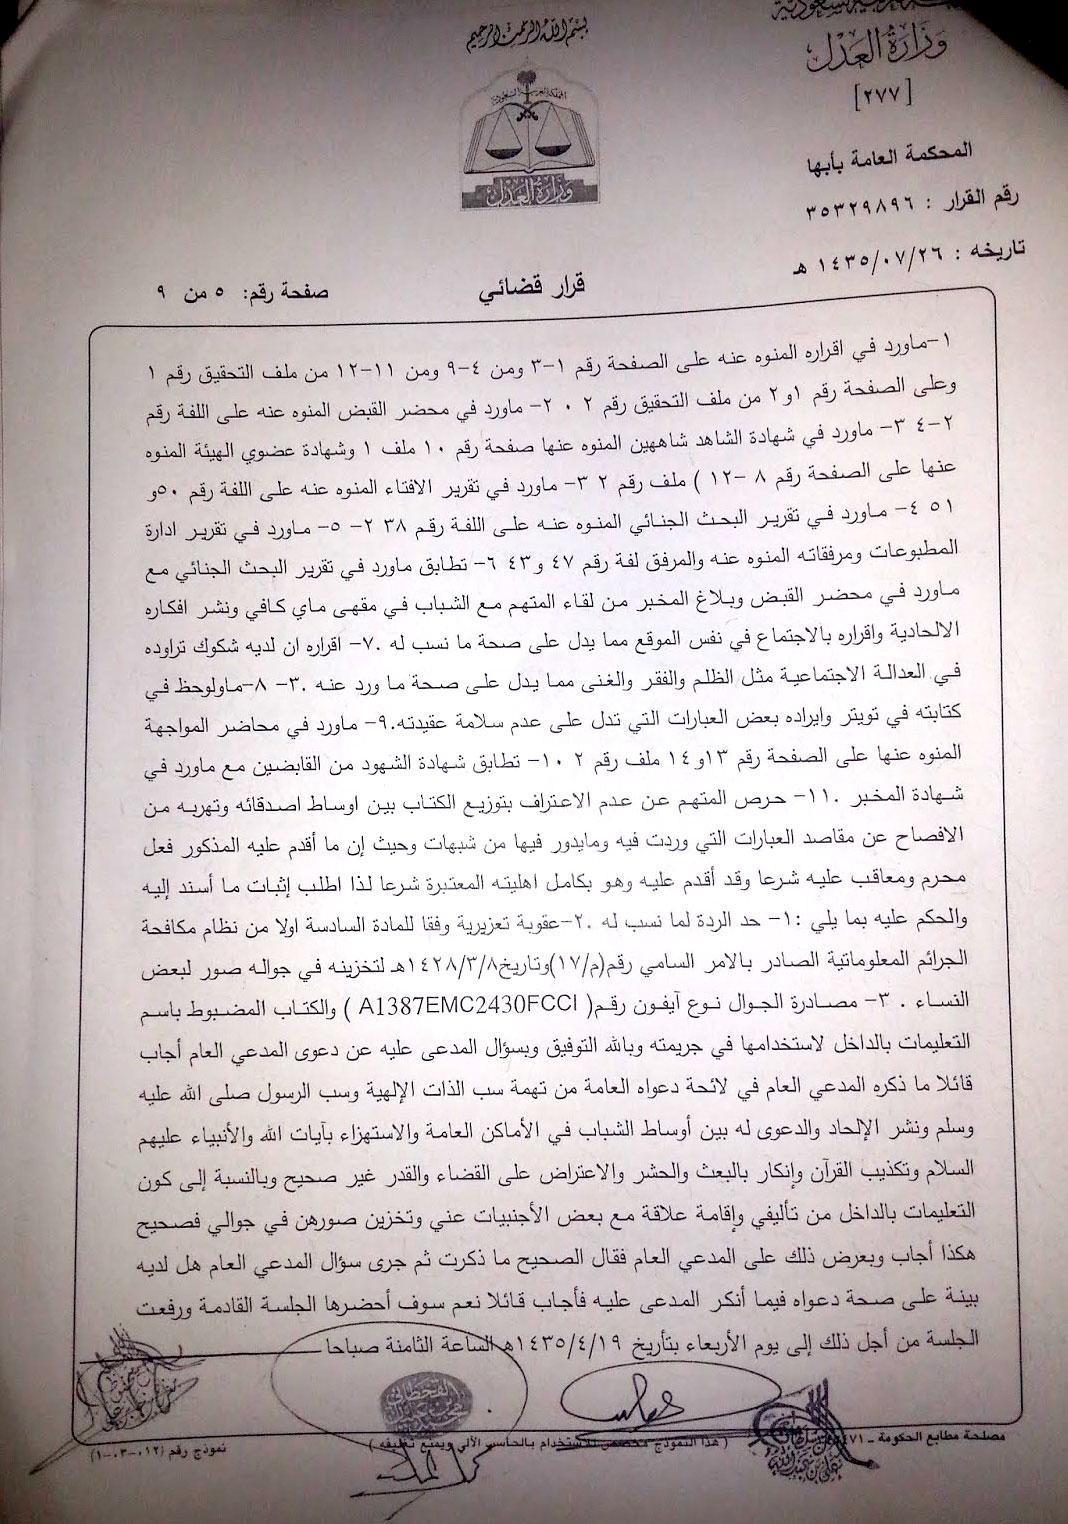 الشاعر أشرف فياض - 5